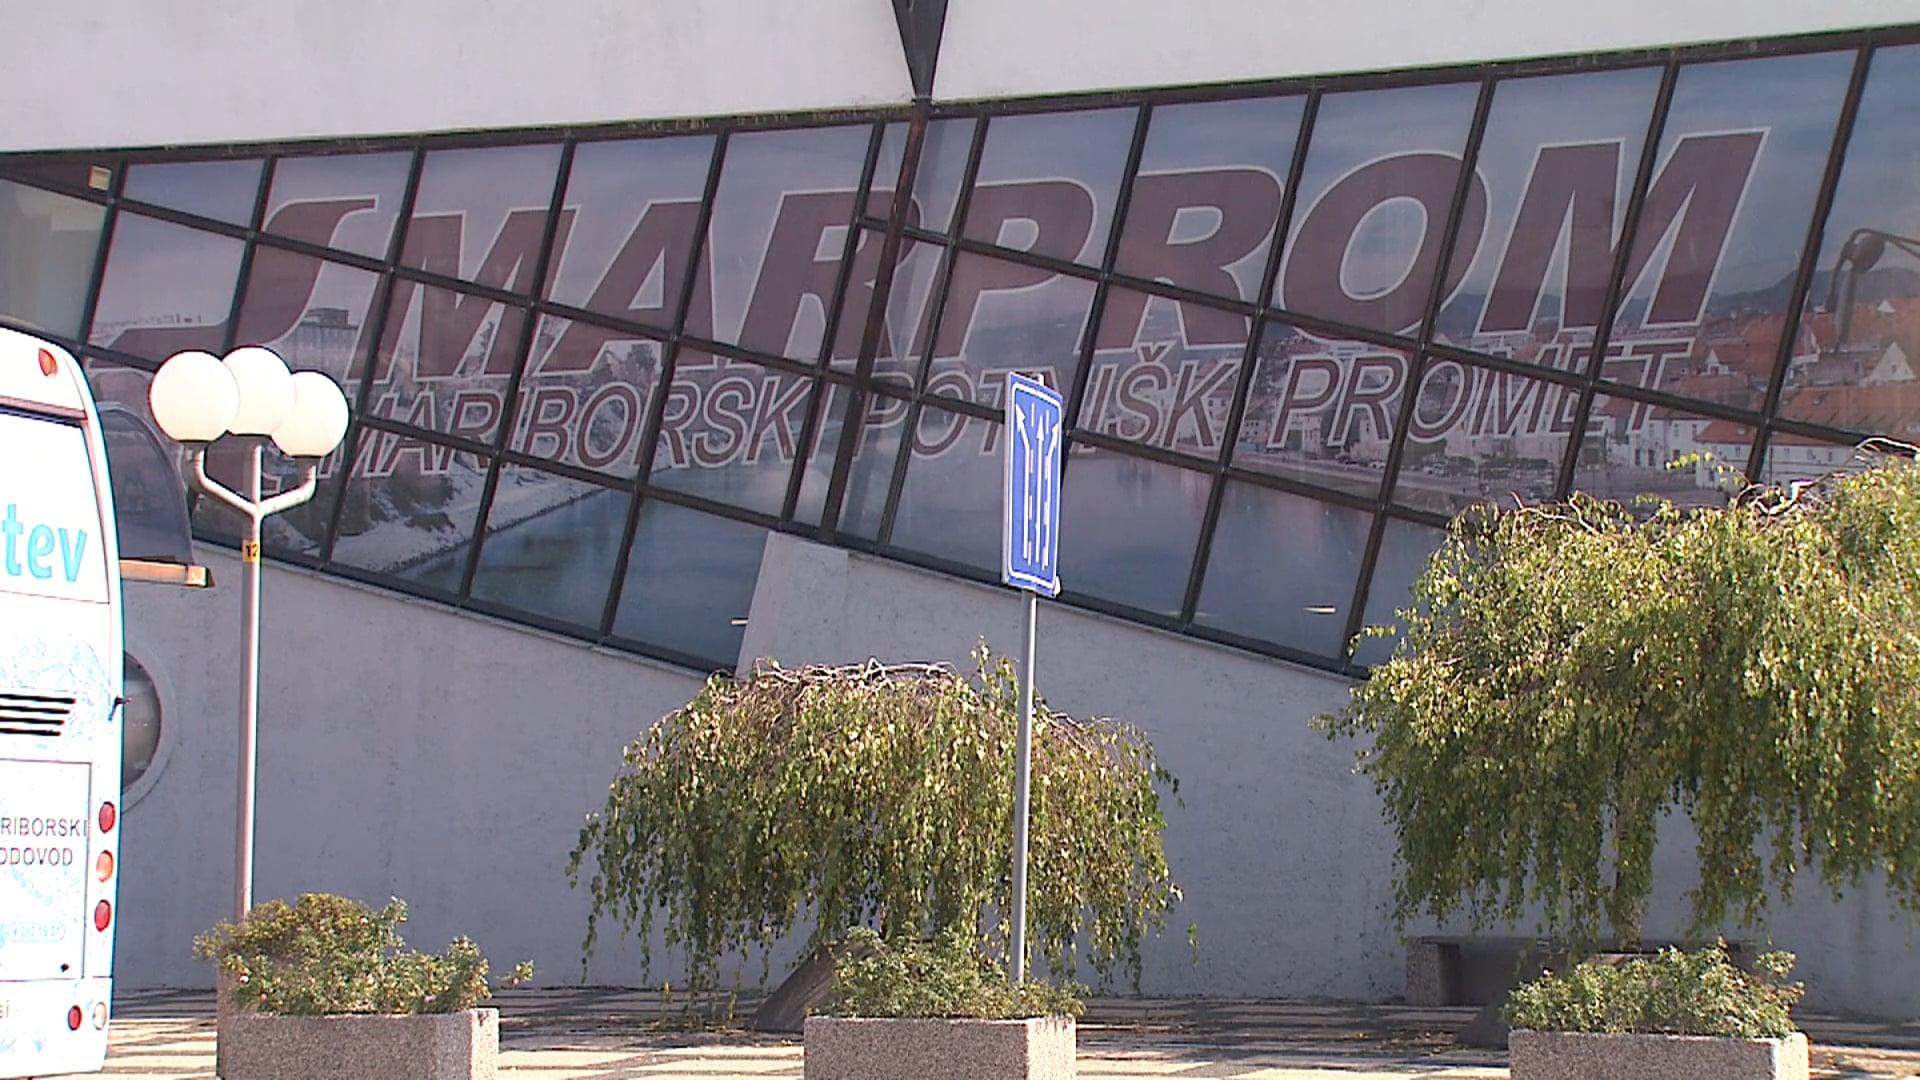 Mariborski potniški promet odslej dražji